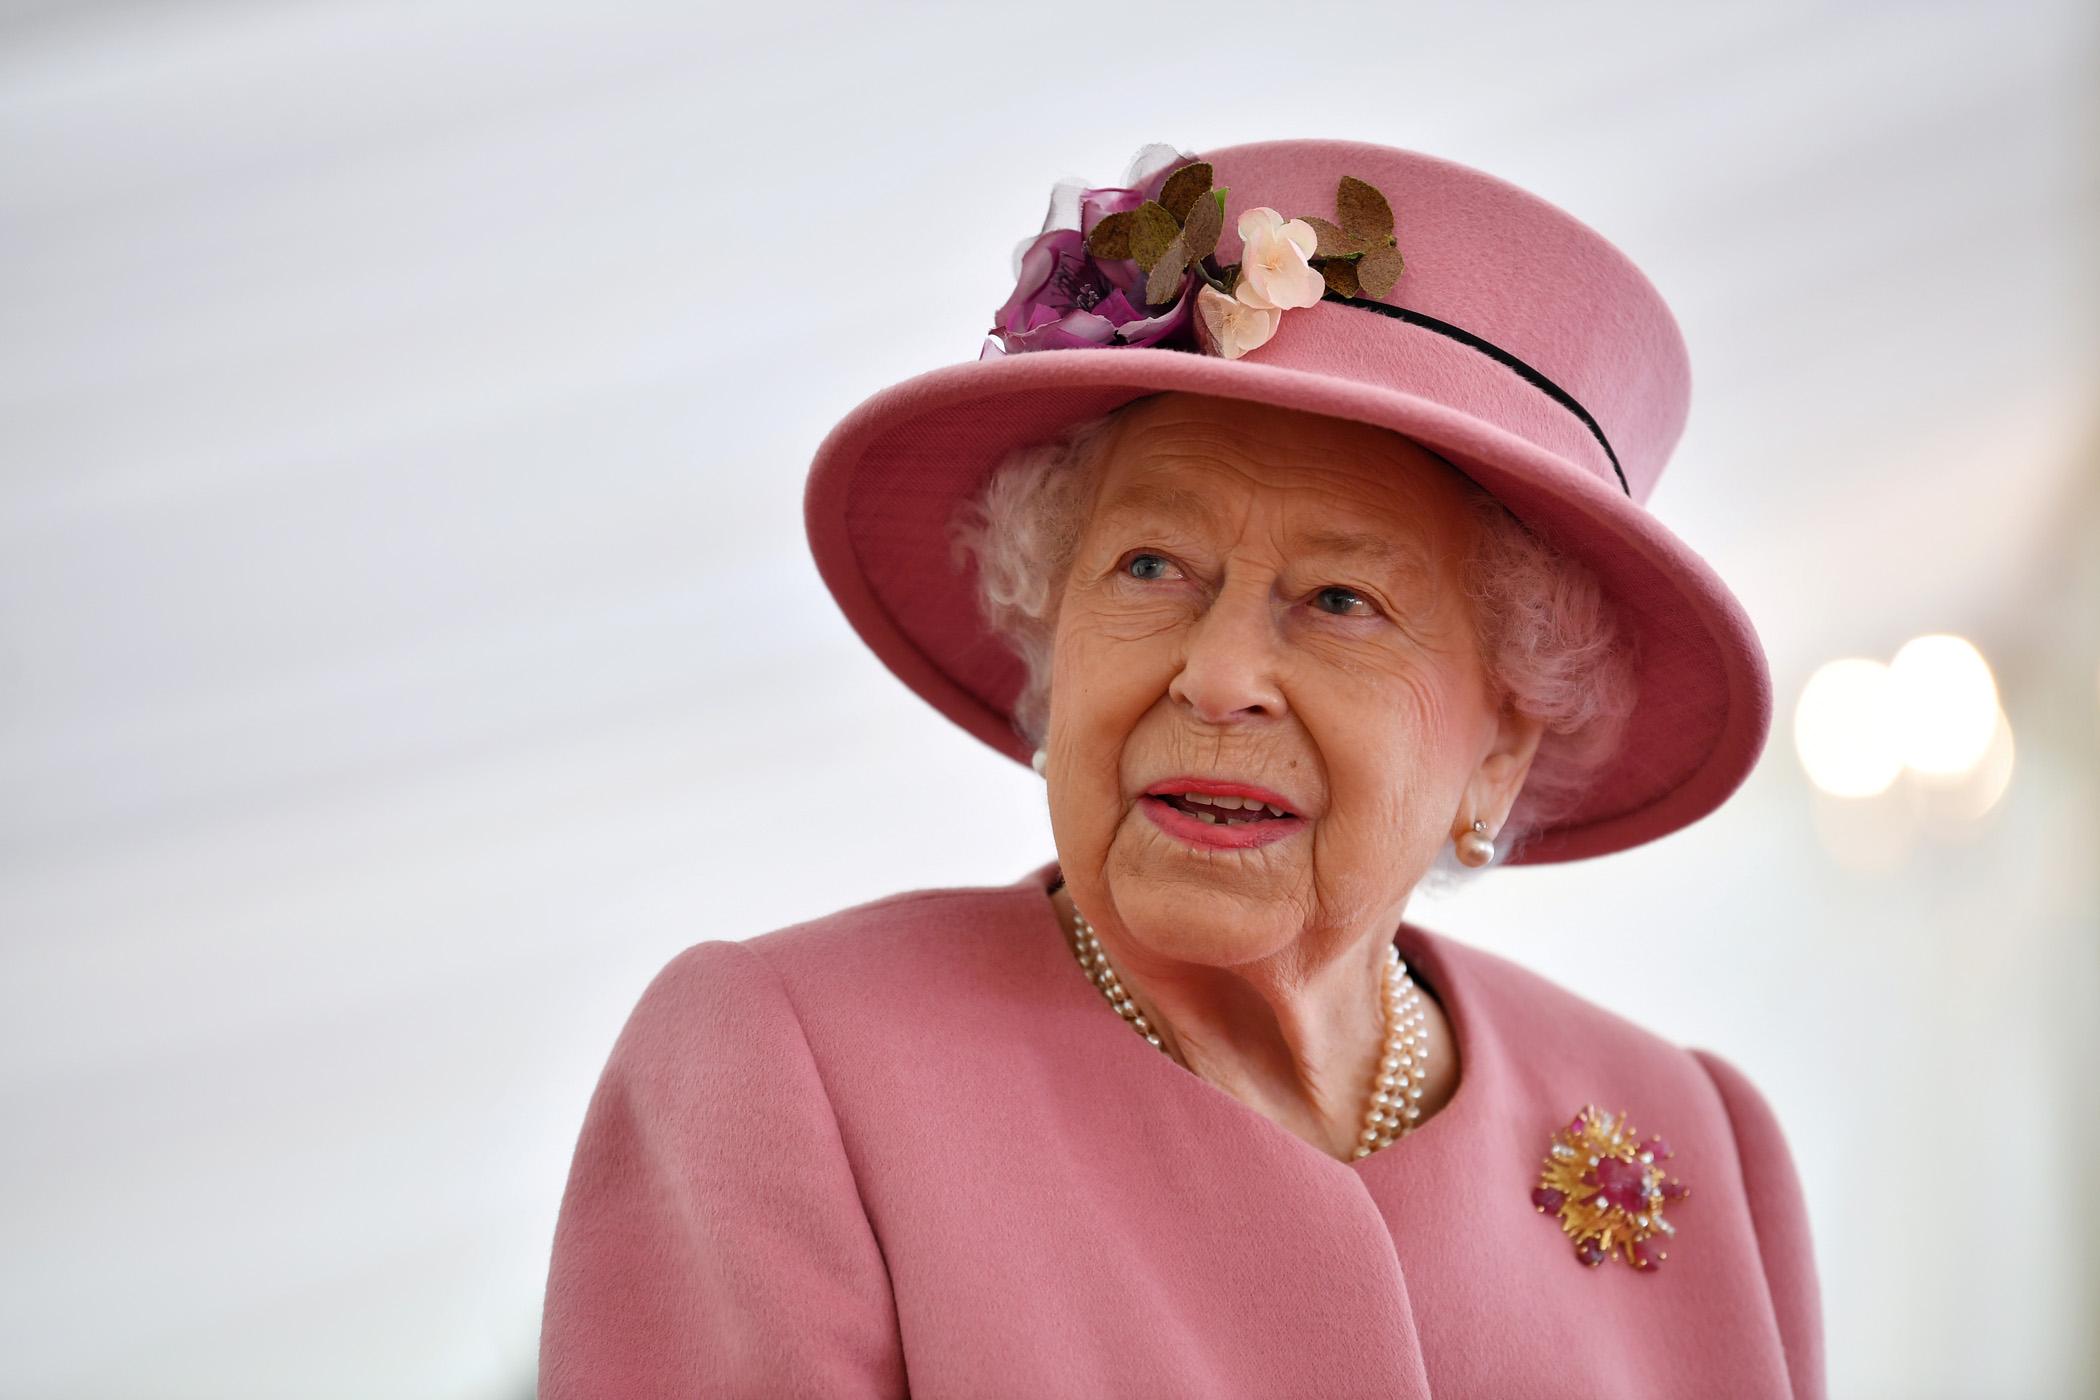 Η βασίλισσα Ελισάβετ απέκτησε και 9ο δισέγγονο – Γέννησε η πριγκίπισσα Ευγενία